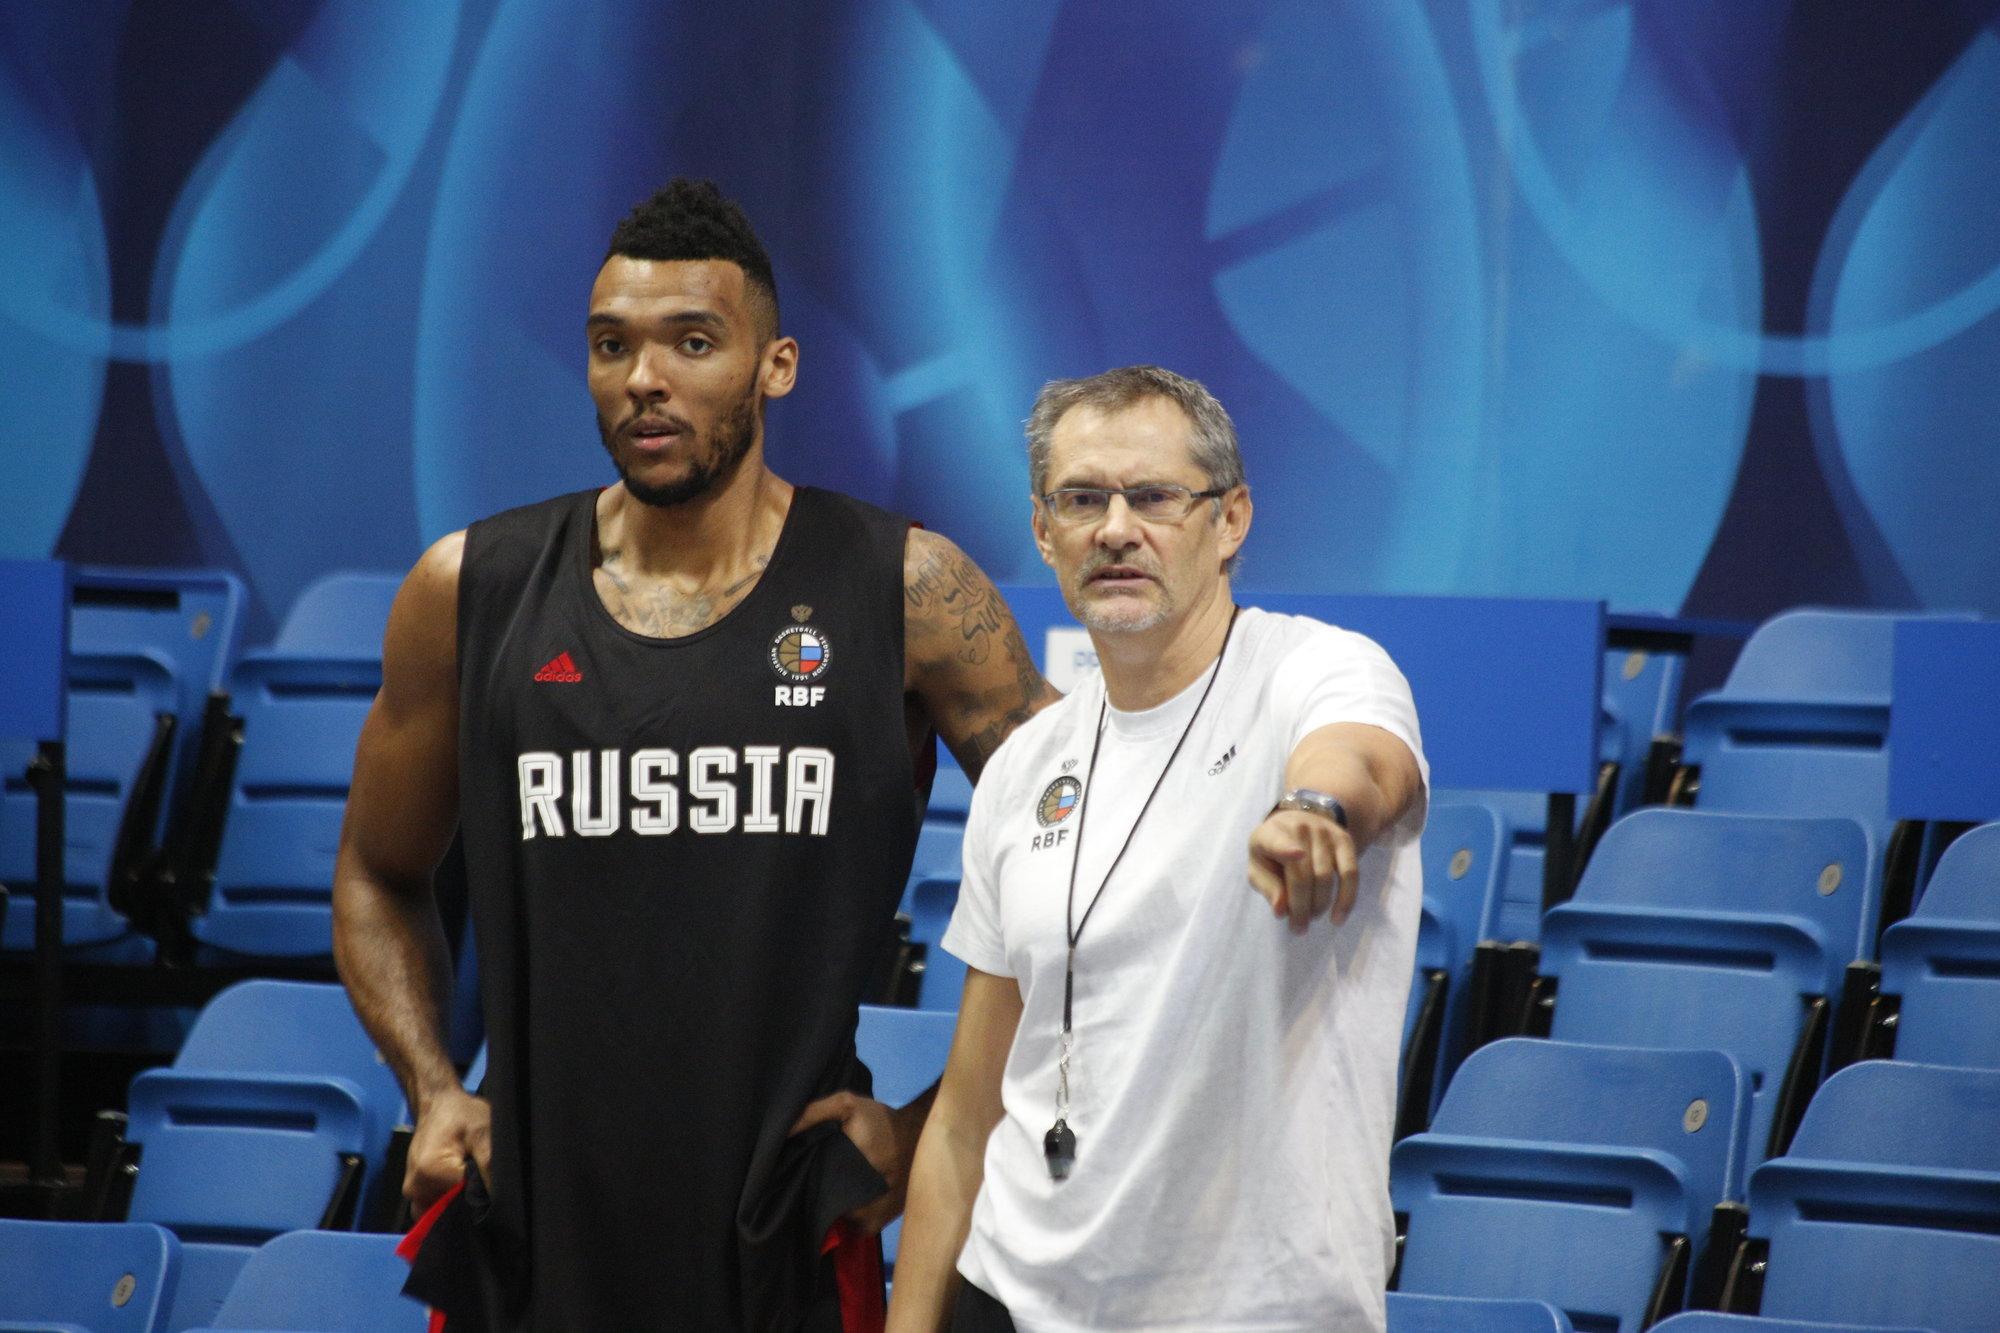 Сергей Базаревич: «Для Шведа даже лучше, что в сборной России есть Боломбой»